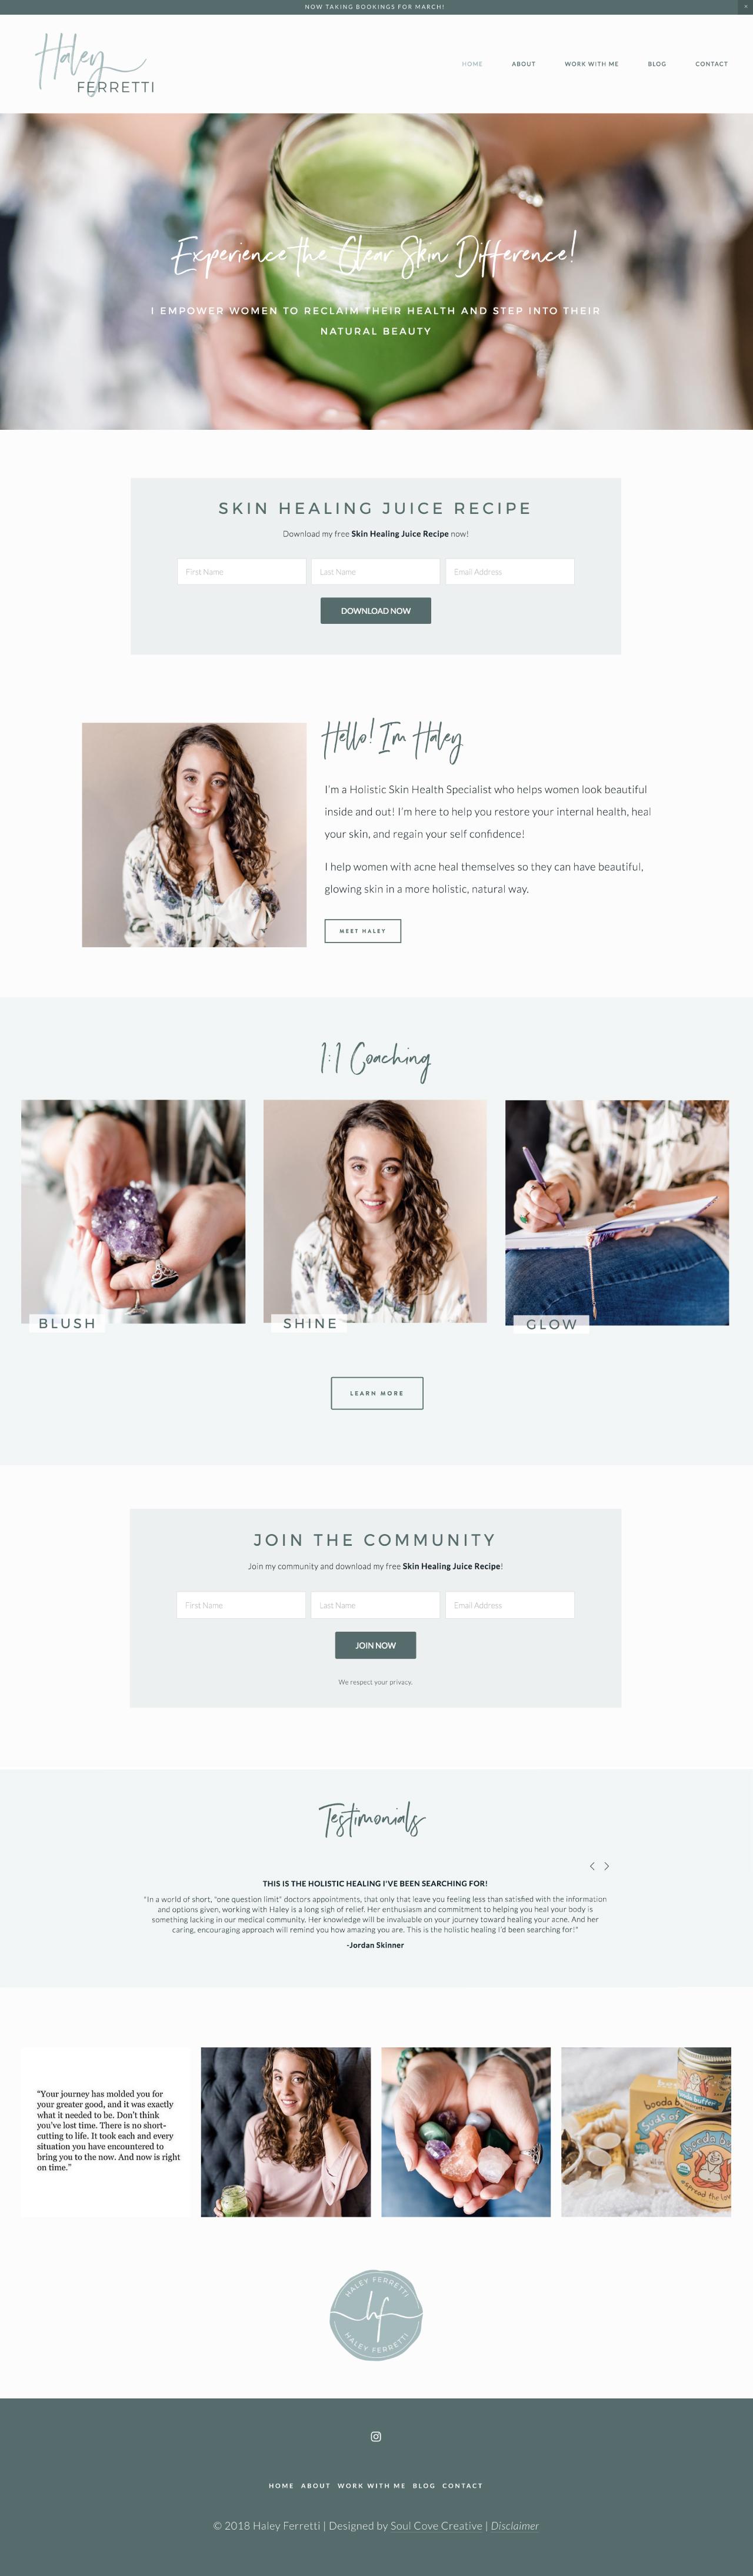 Haley's Website